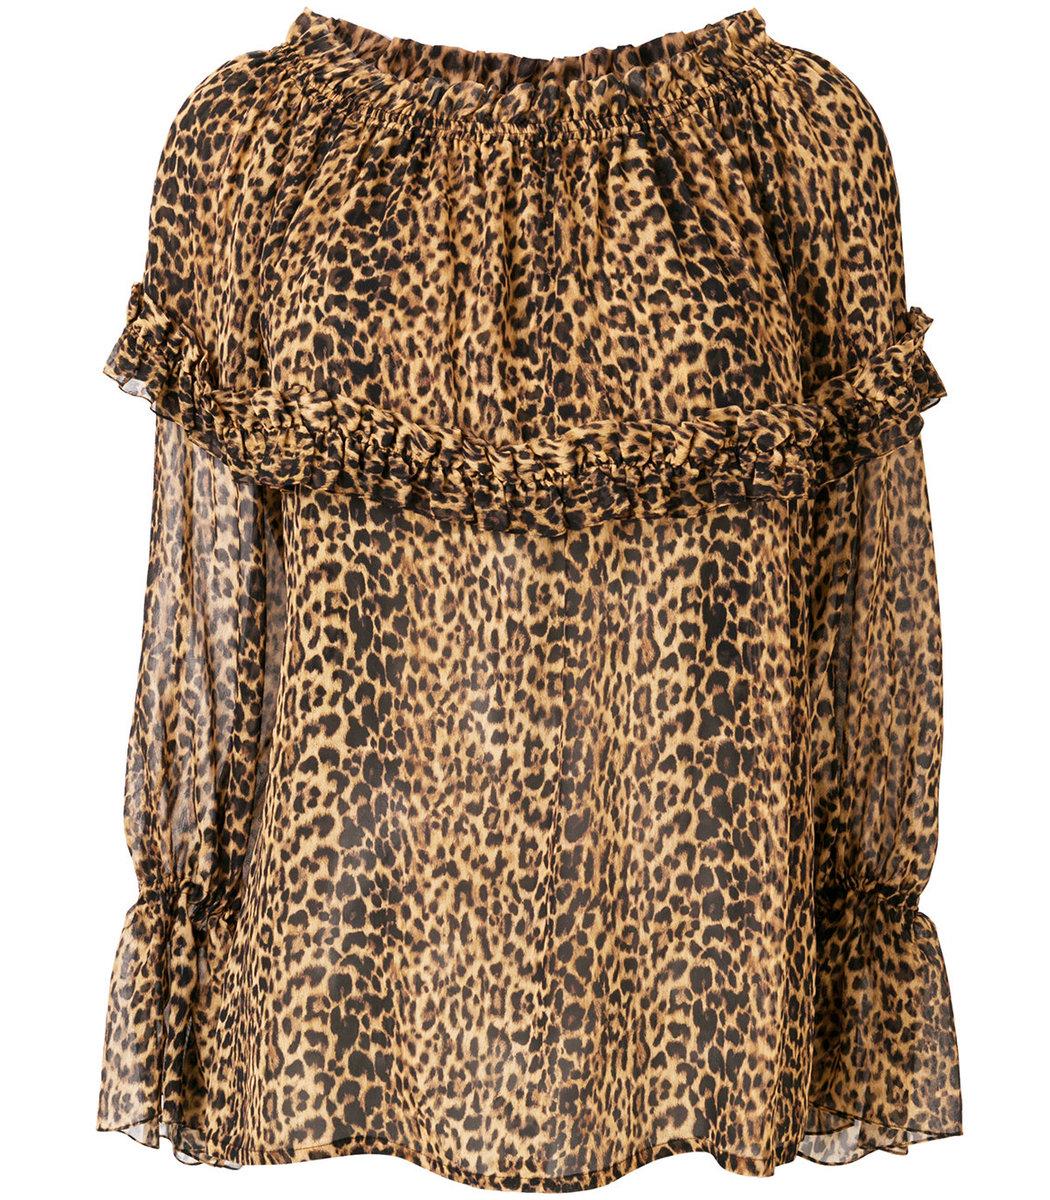 SAINT LAURENT Brown Off The Shoulder Leopard Blouse